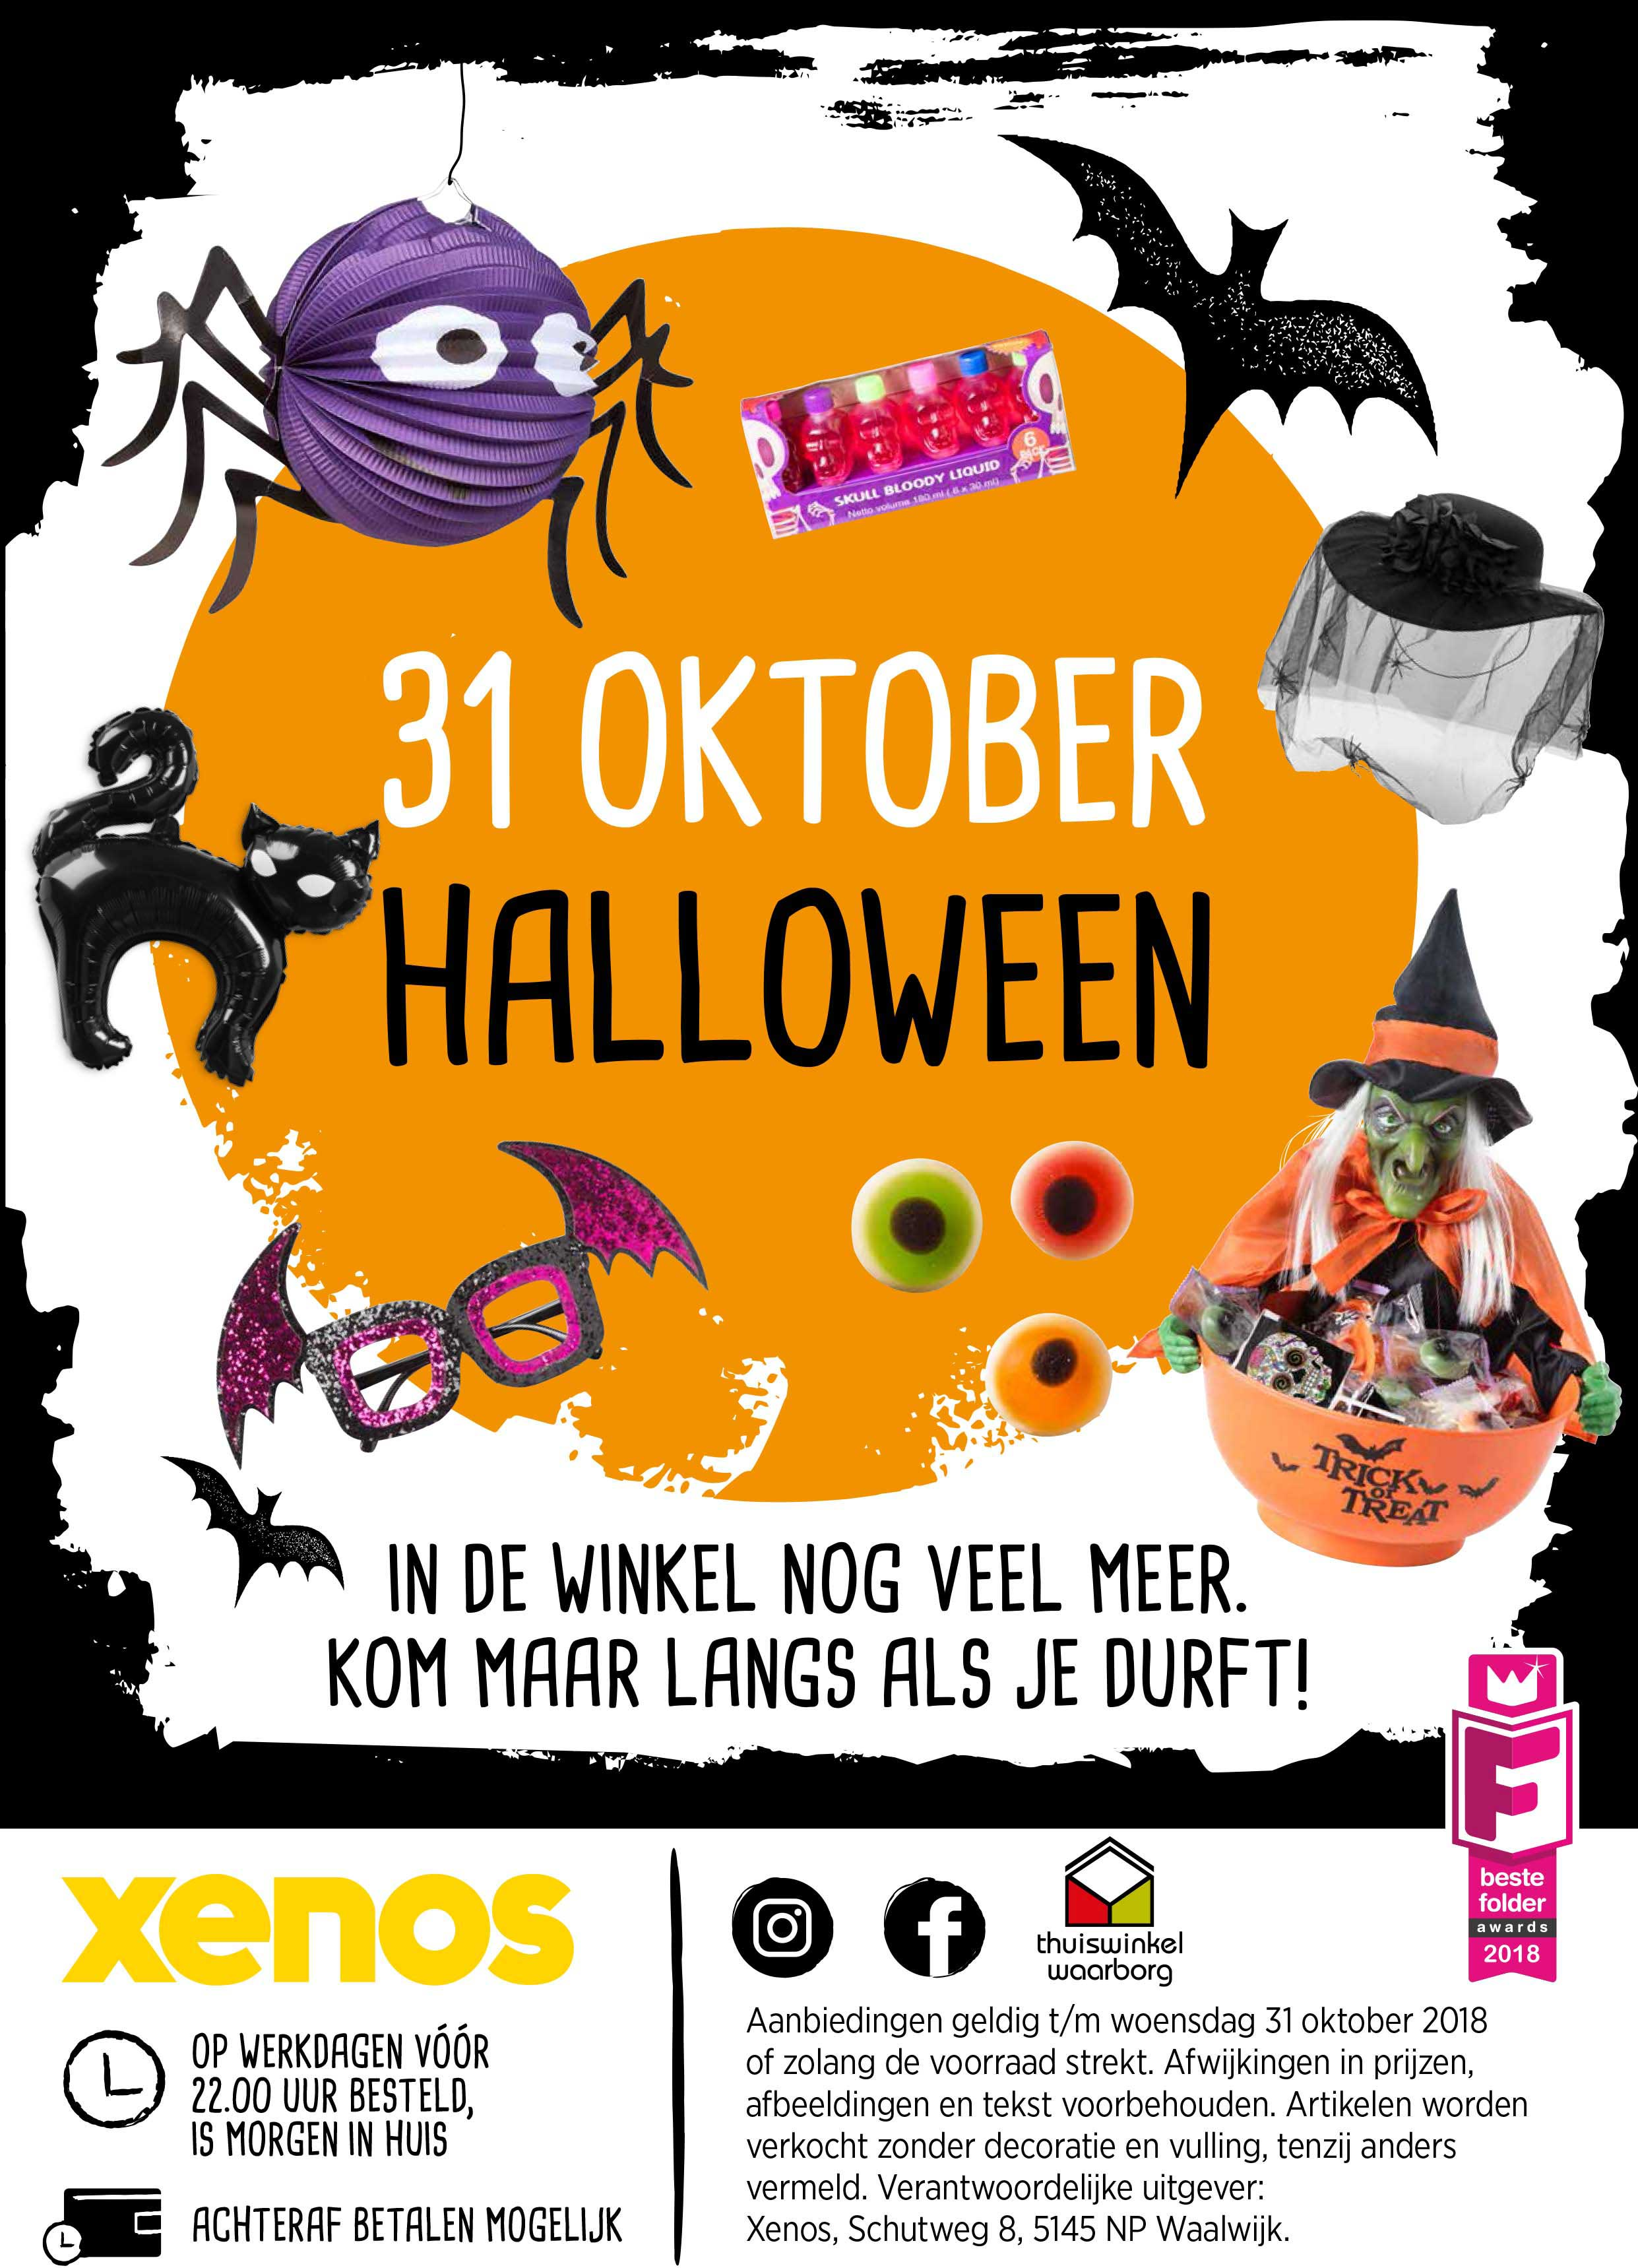 Xenos 31 Oktober Halloween